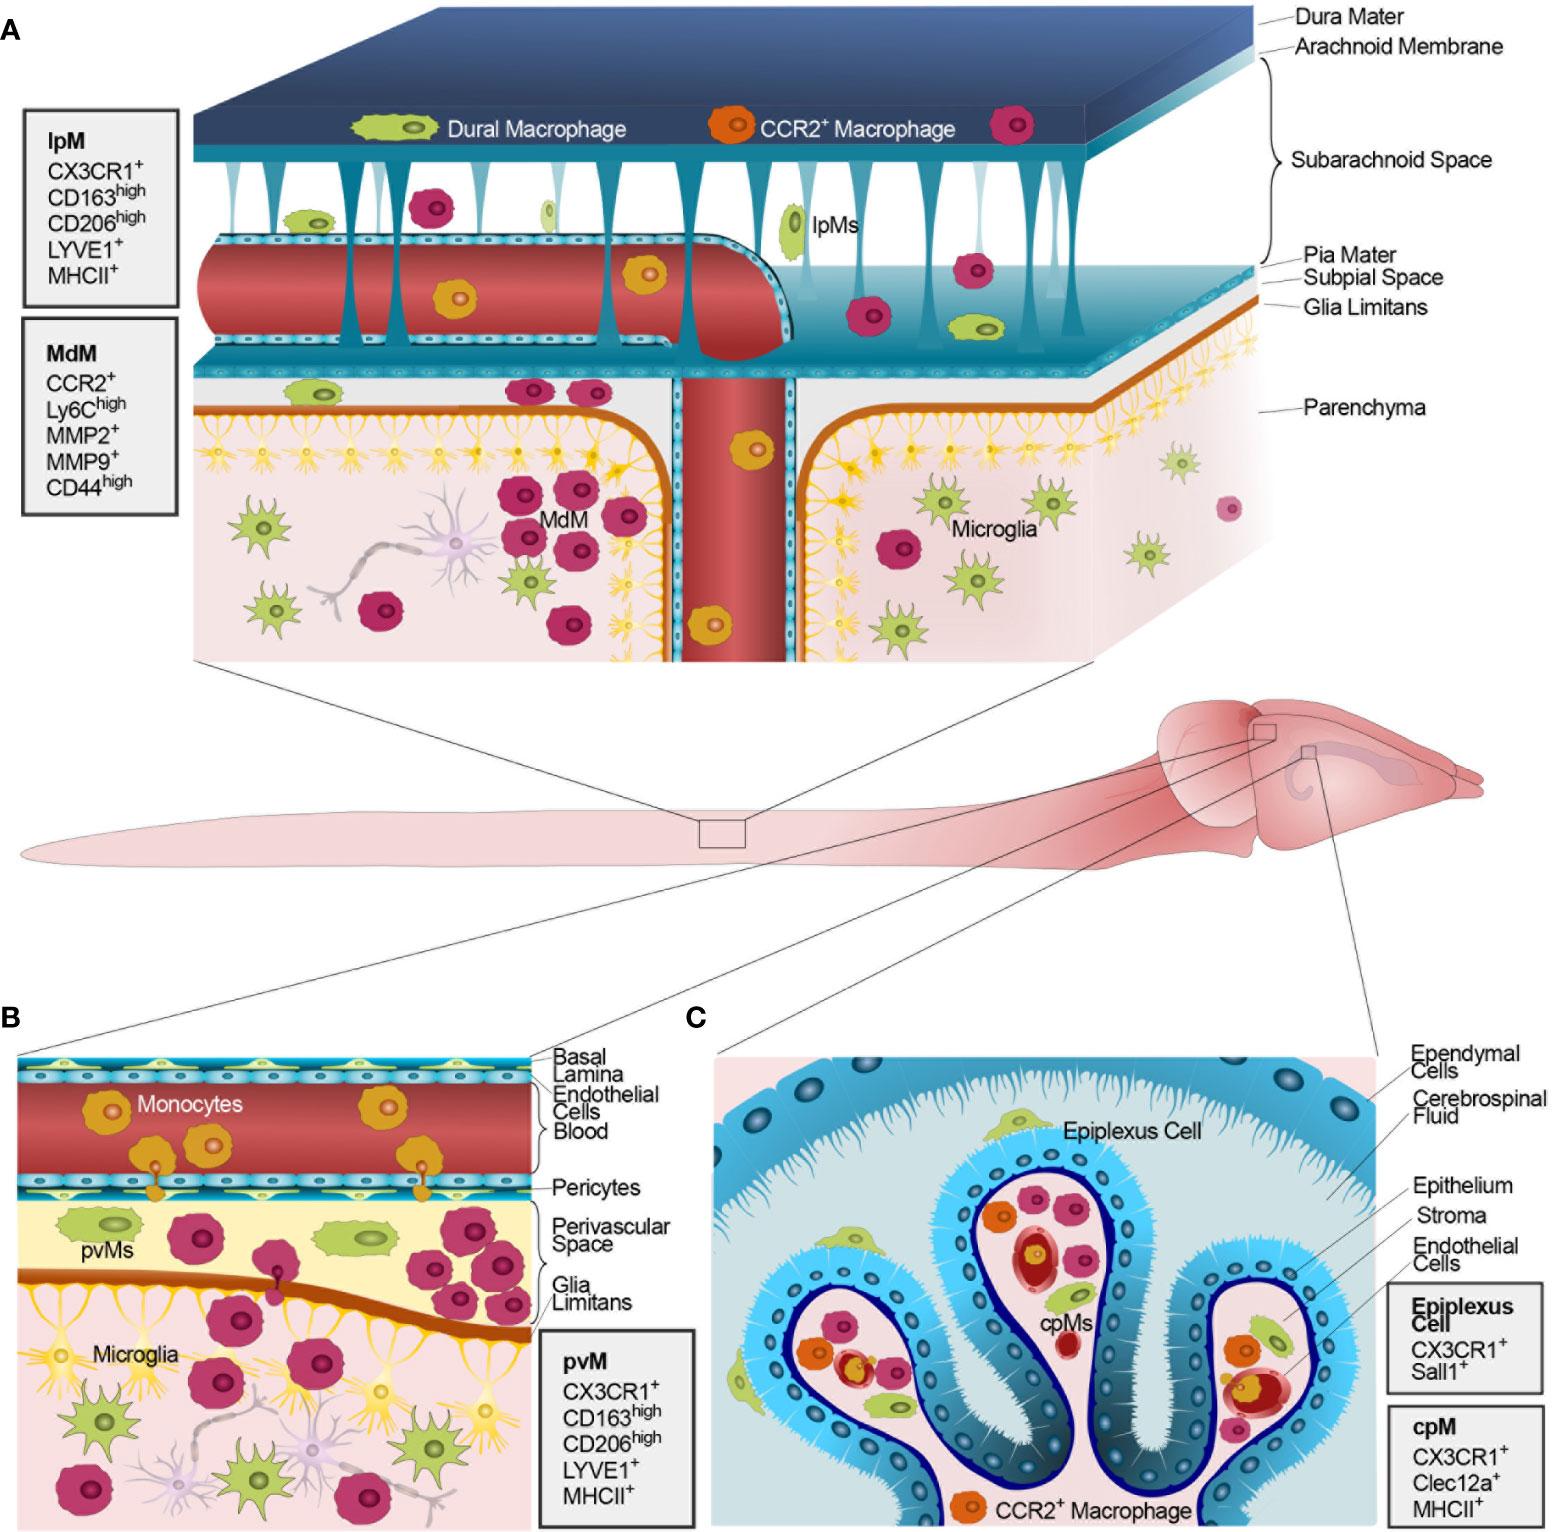 Doppel Herz Chondroitiin ja glukoosamiin Osta Snapshot polve kapuuts